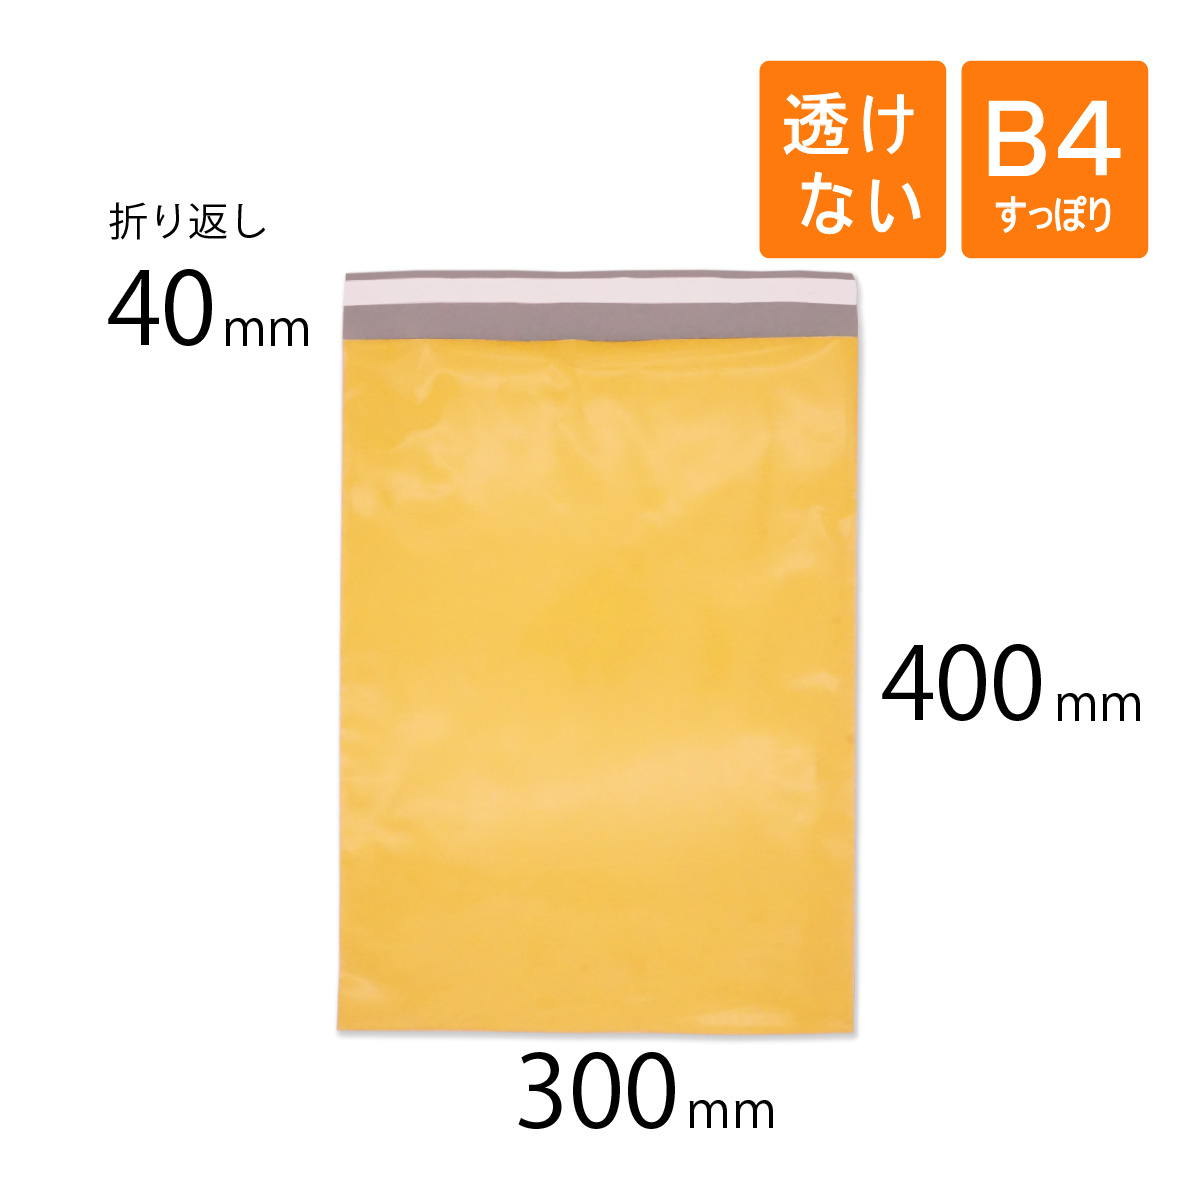 宅配ビニール袋 黄色 300×400mm